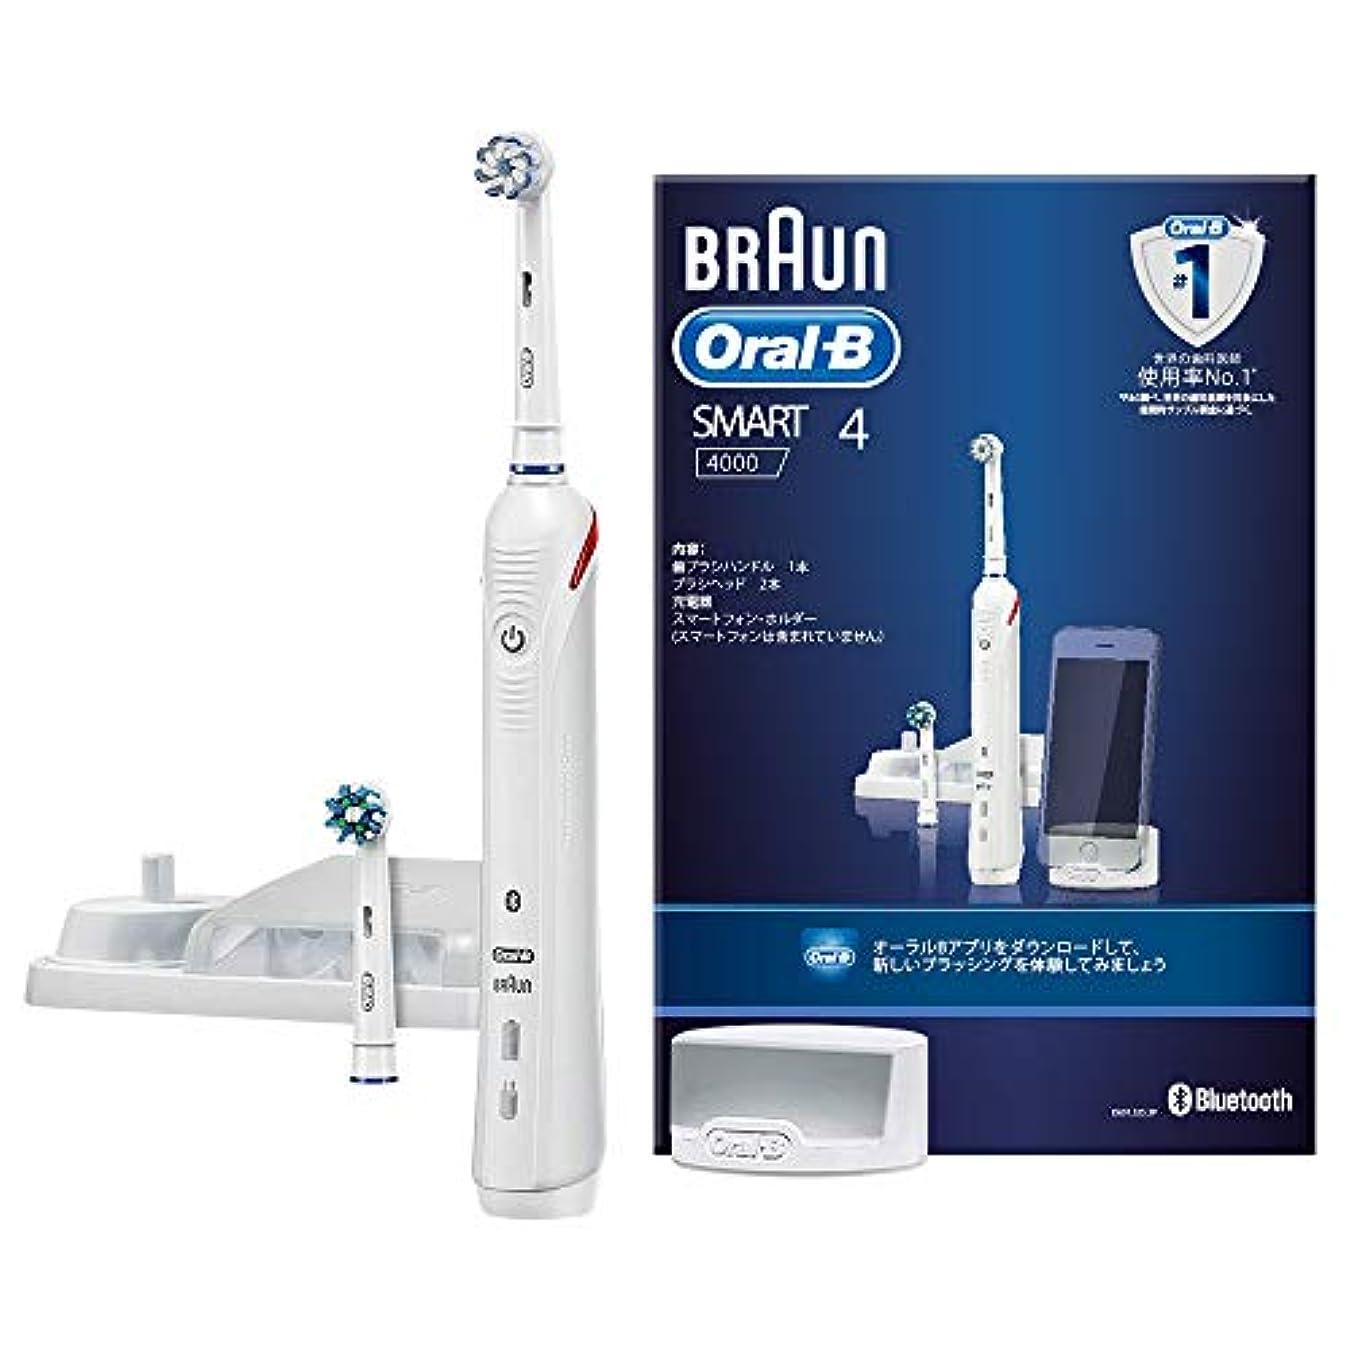 読む演じる慣れているブラウン オーラルB 電動歯ブラシ スマート4000 D6015253P